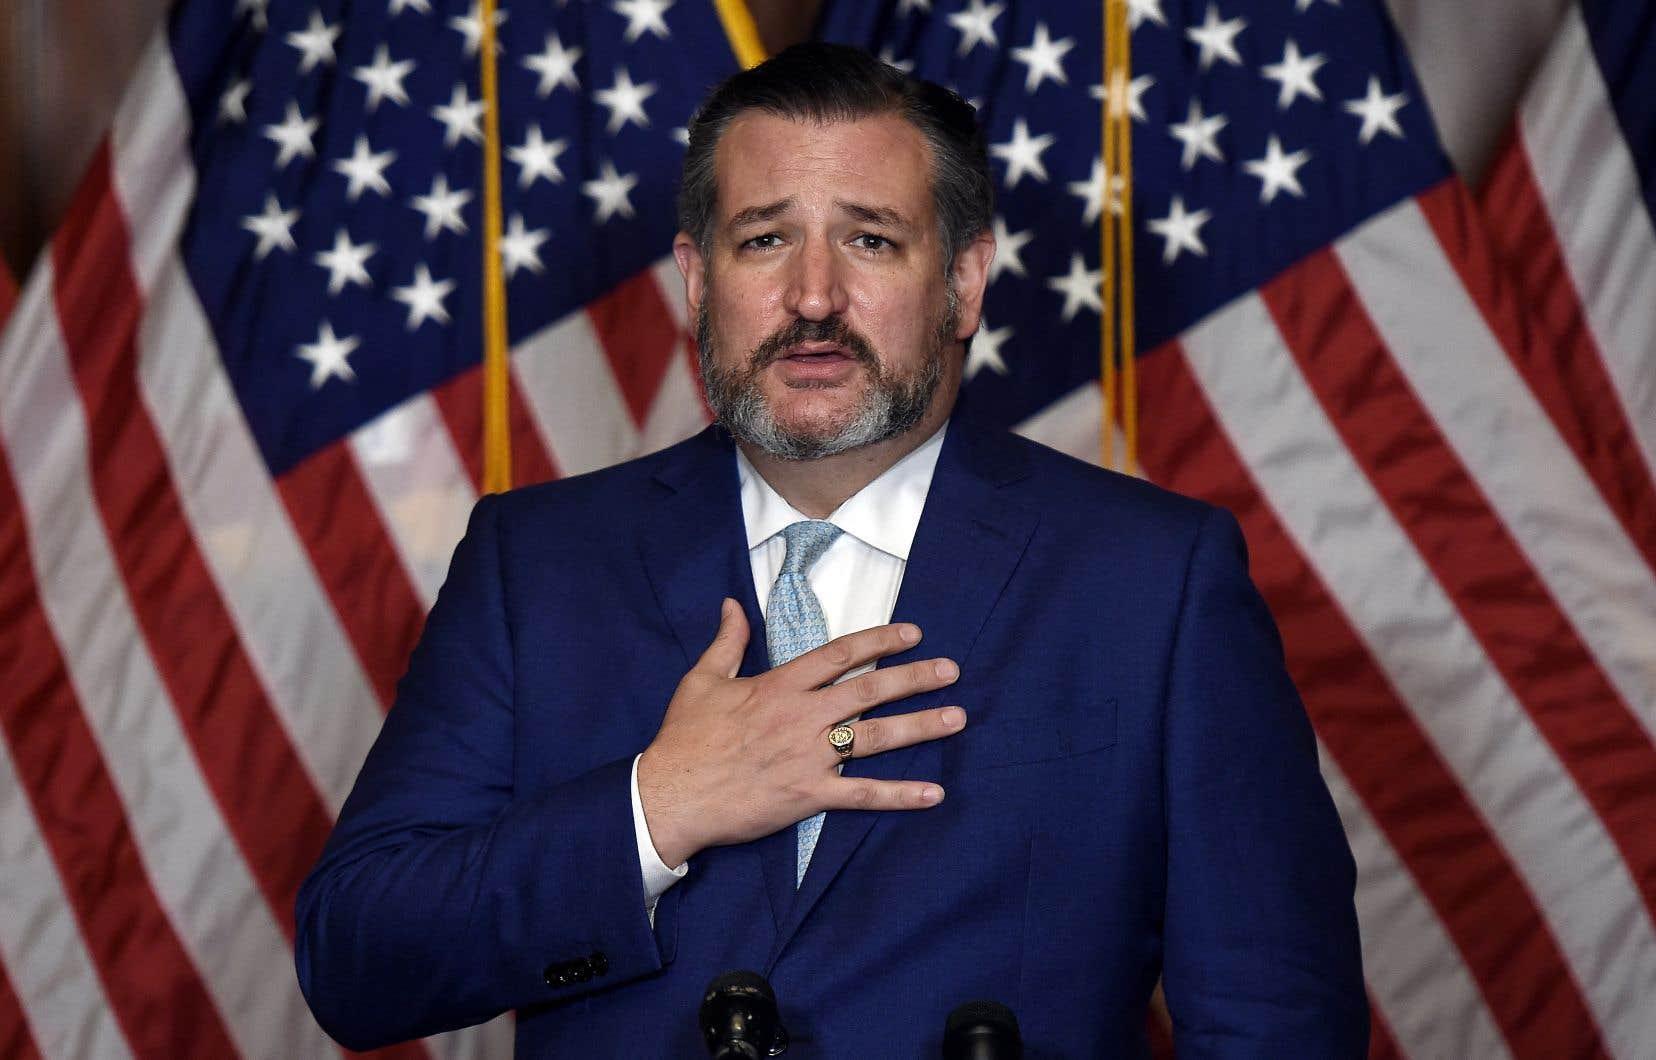 Le sénateur Ted Cruz s'est défendu dans la journée en évoquant un déplacement vers le Mexique visant à accompagner ses filles et sa femme pour des vacances de dernière minute avec des amis, en raison de la fermeture des écoles au Texas.